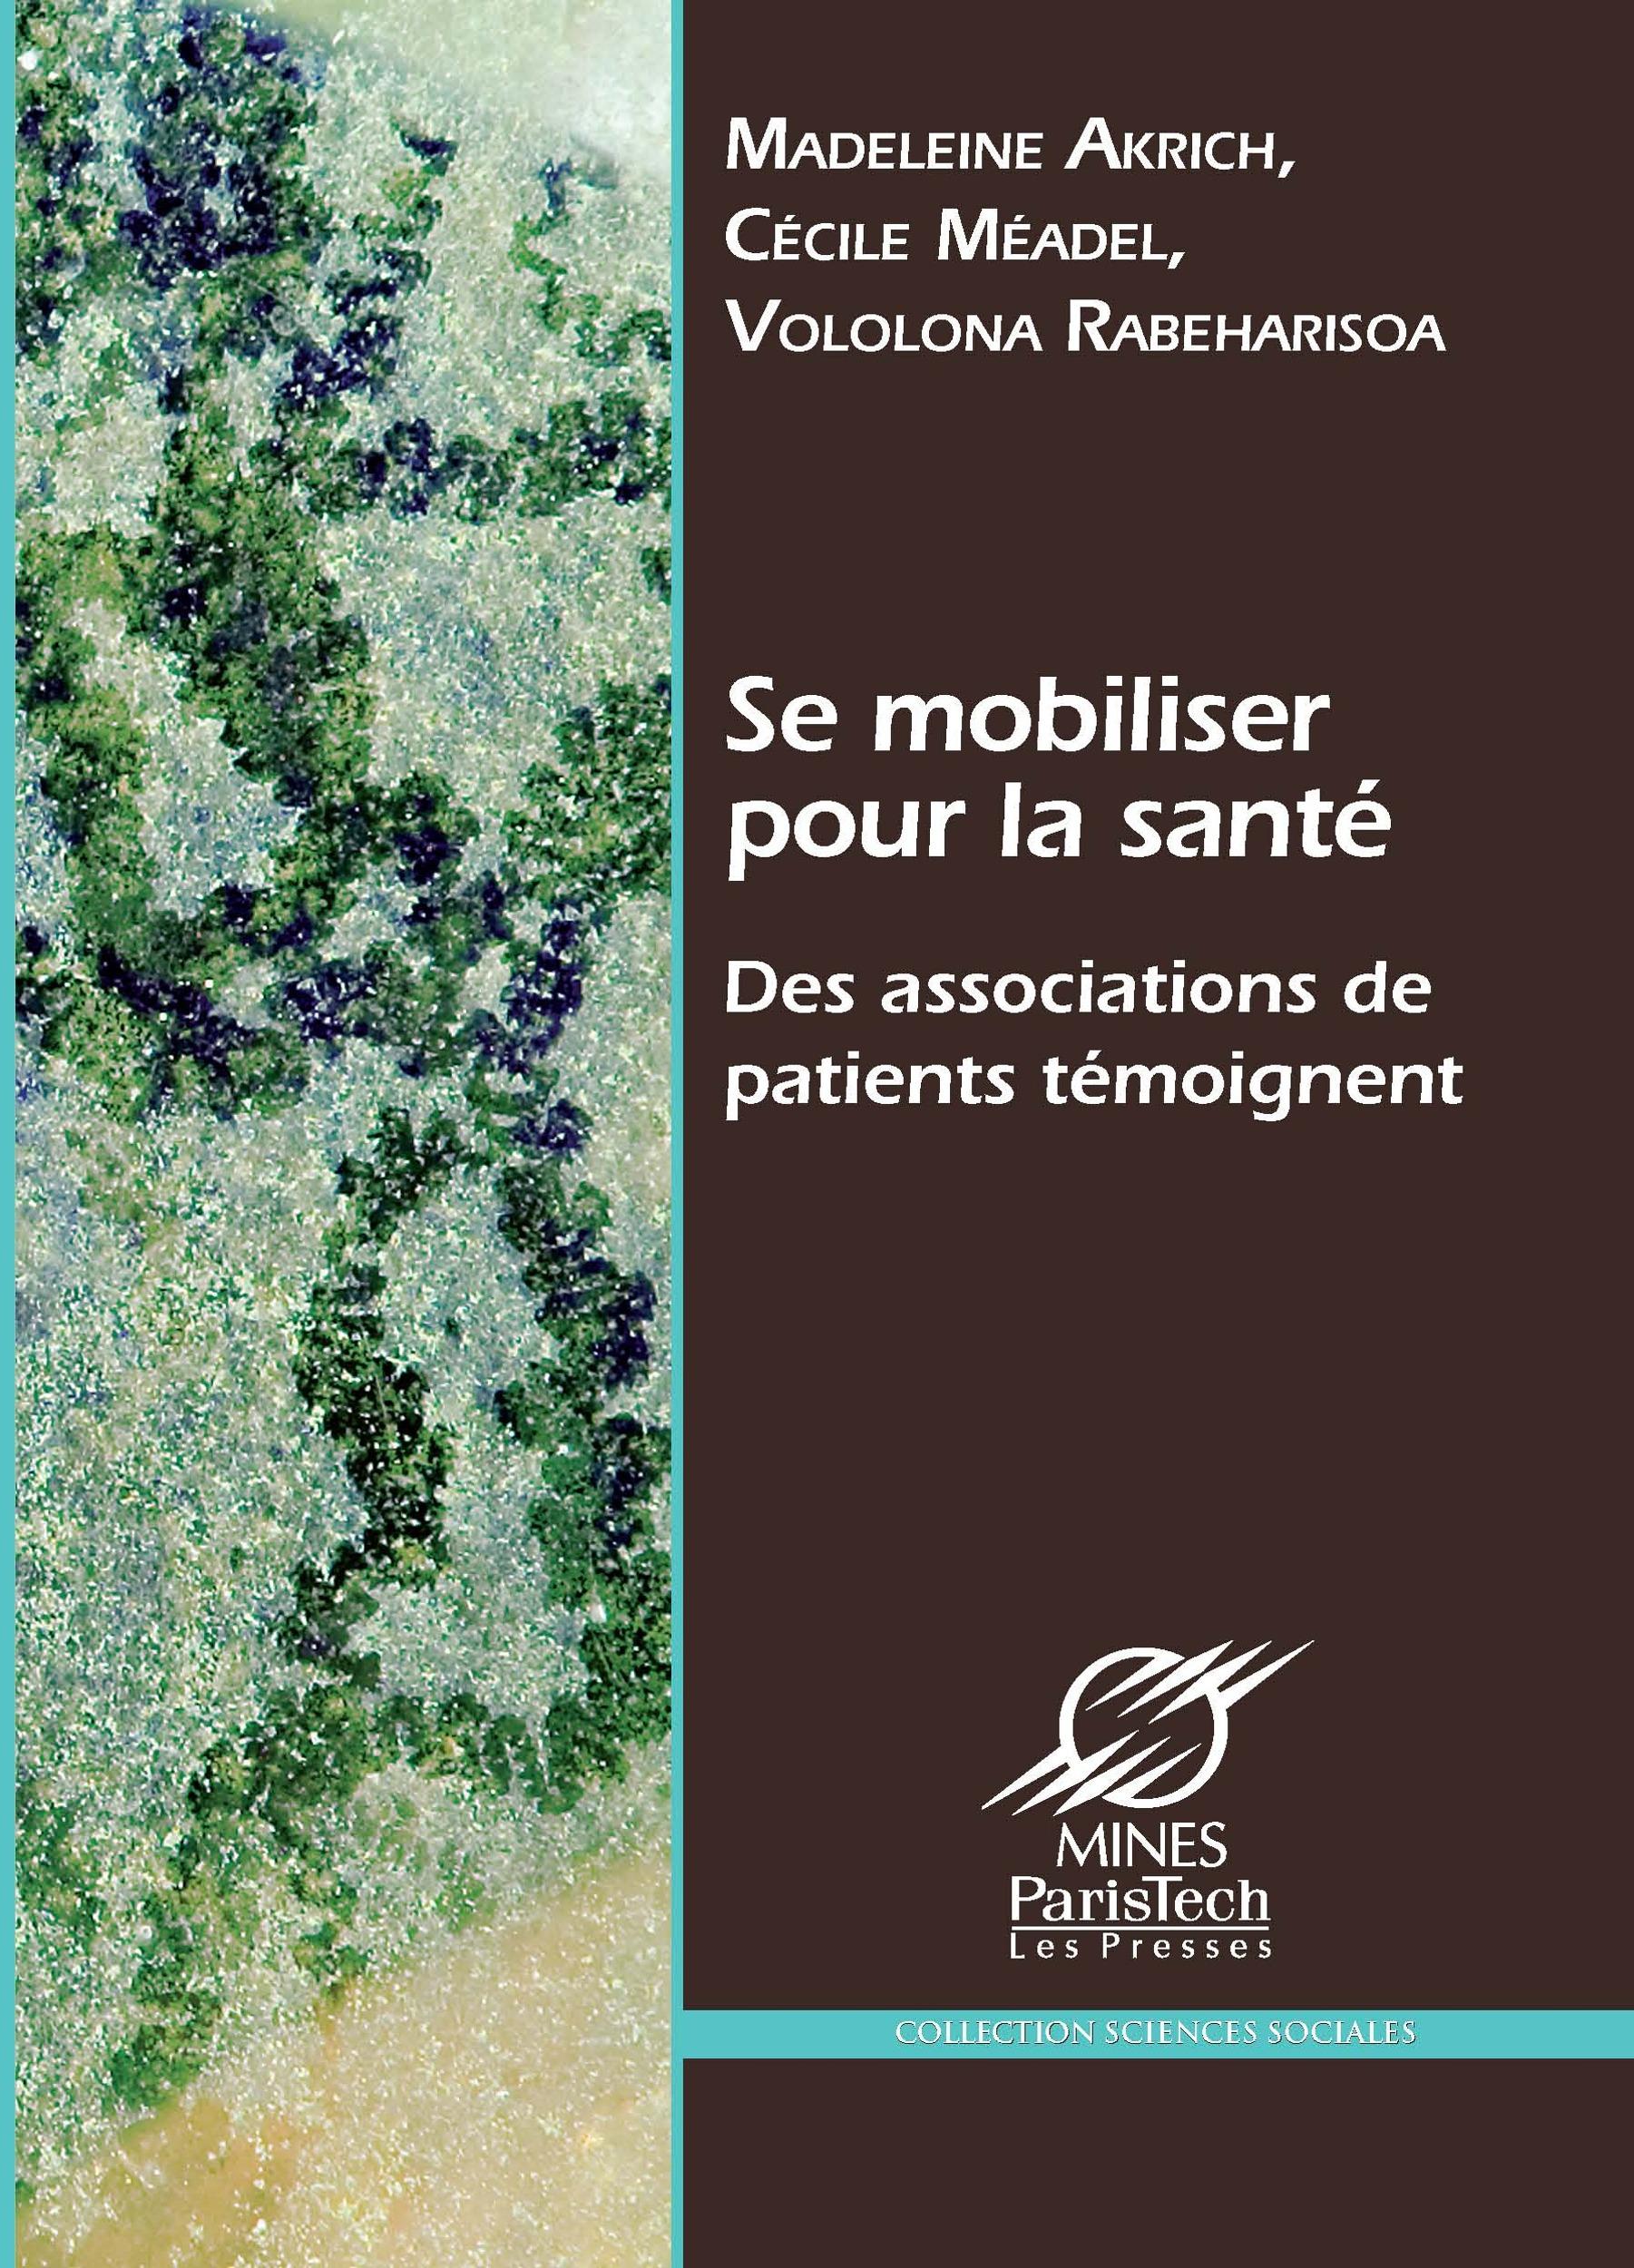 Se mobiliser pour la santé ; des associations de patients temoignent